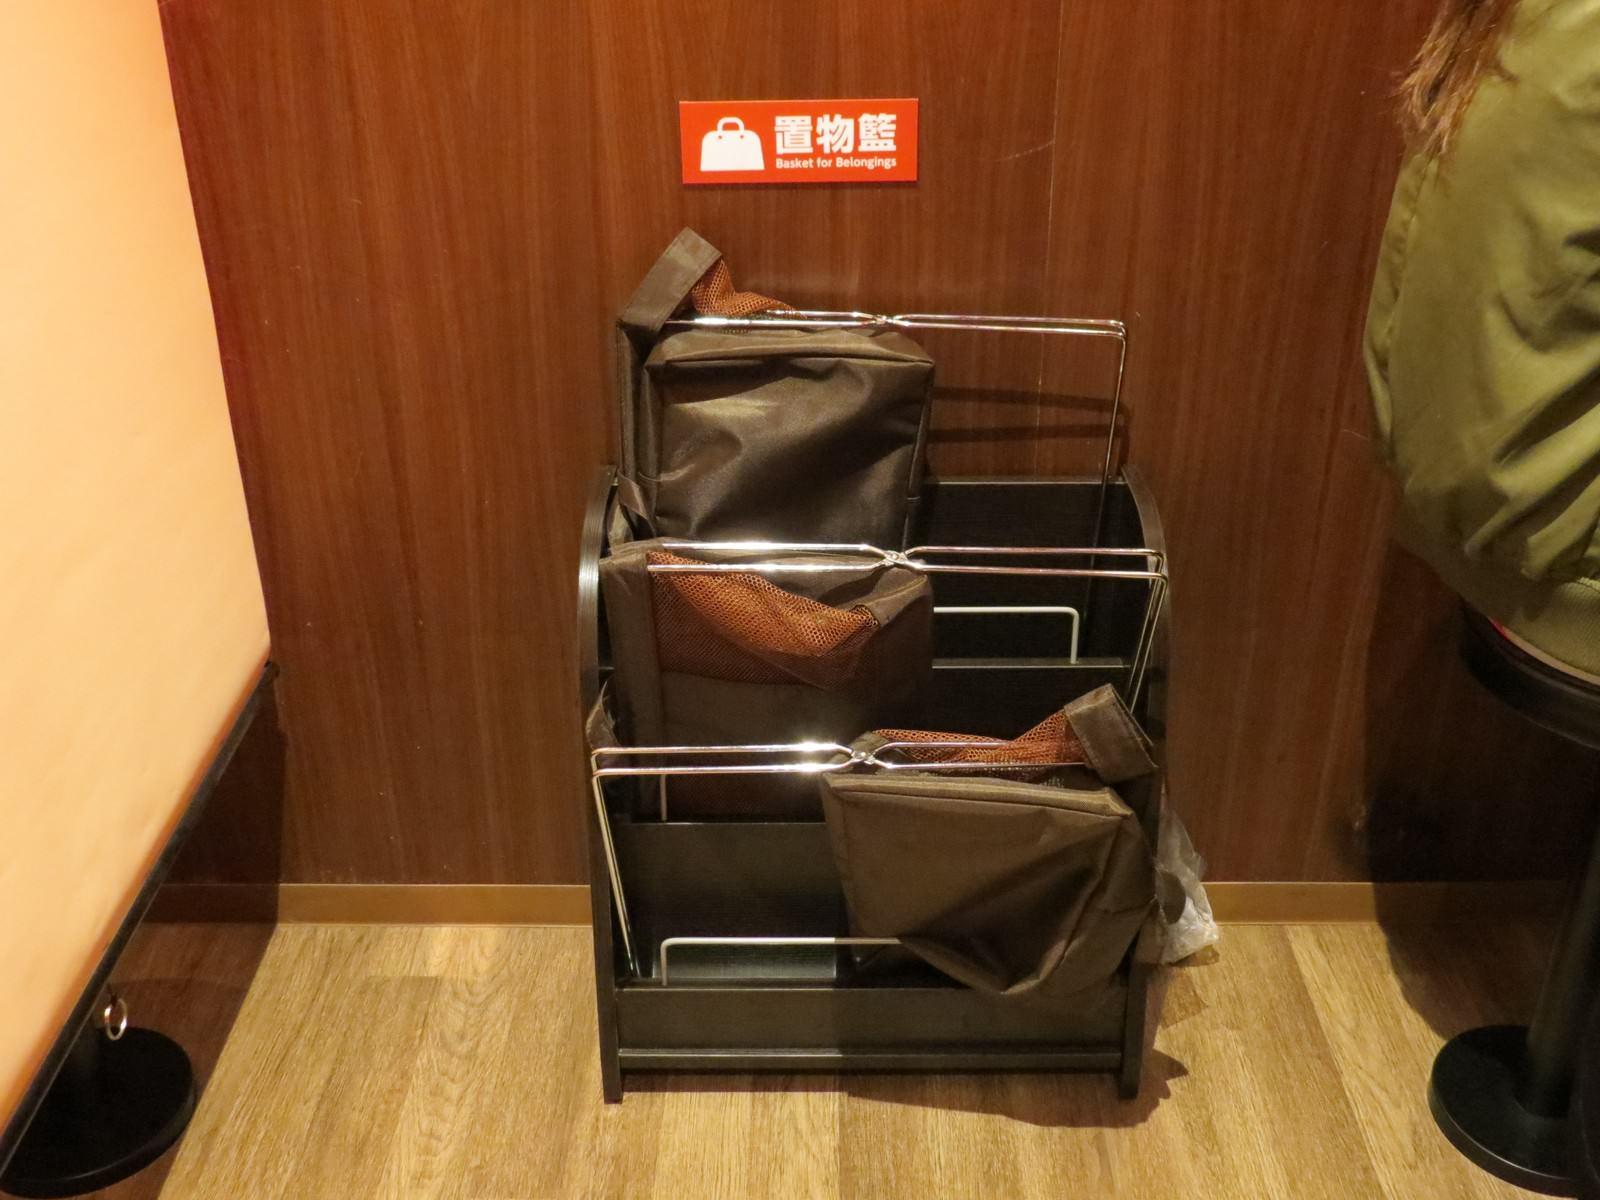 天然豚骨拉麵專門店一蘭@台灣台北本店, 裝潢佈置